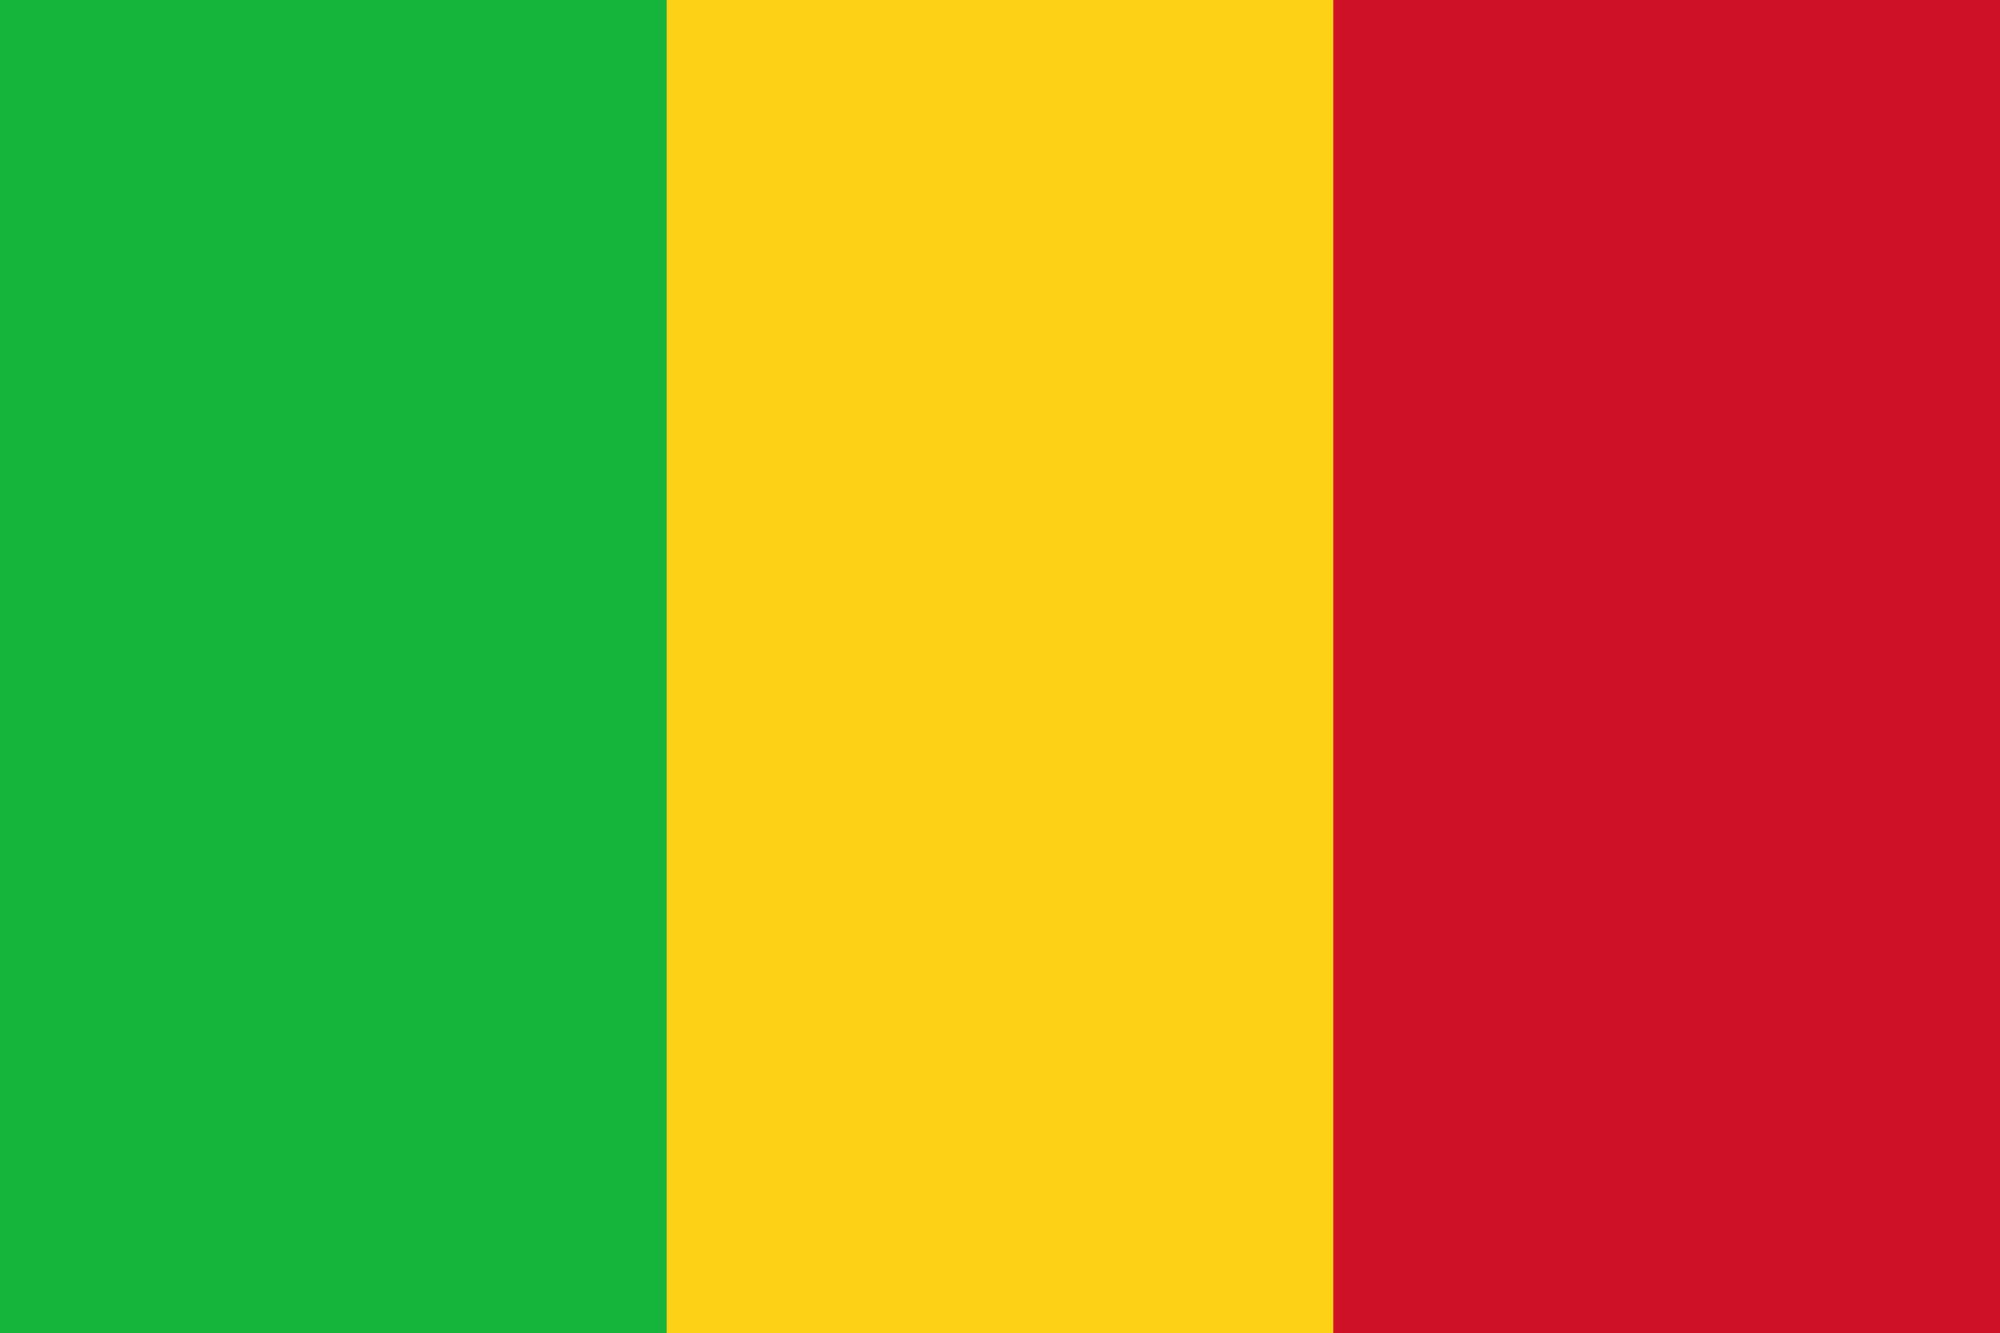 Mali_flag.png